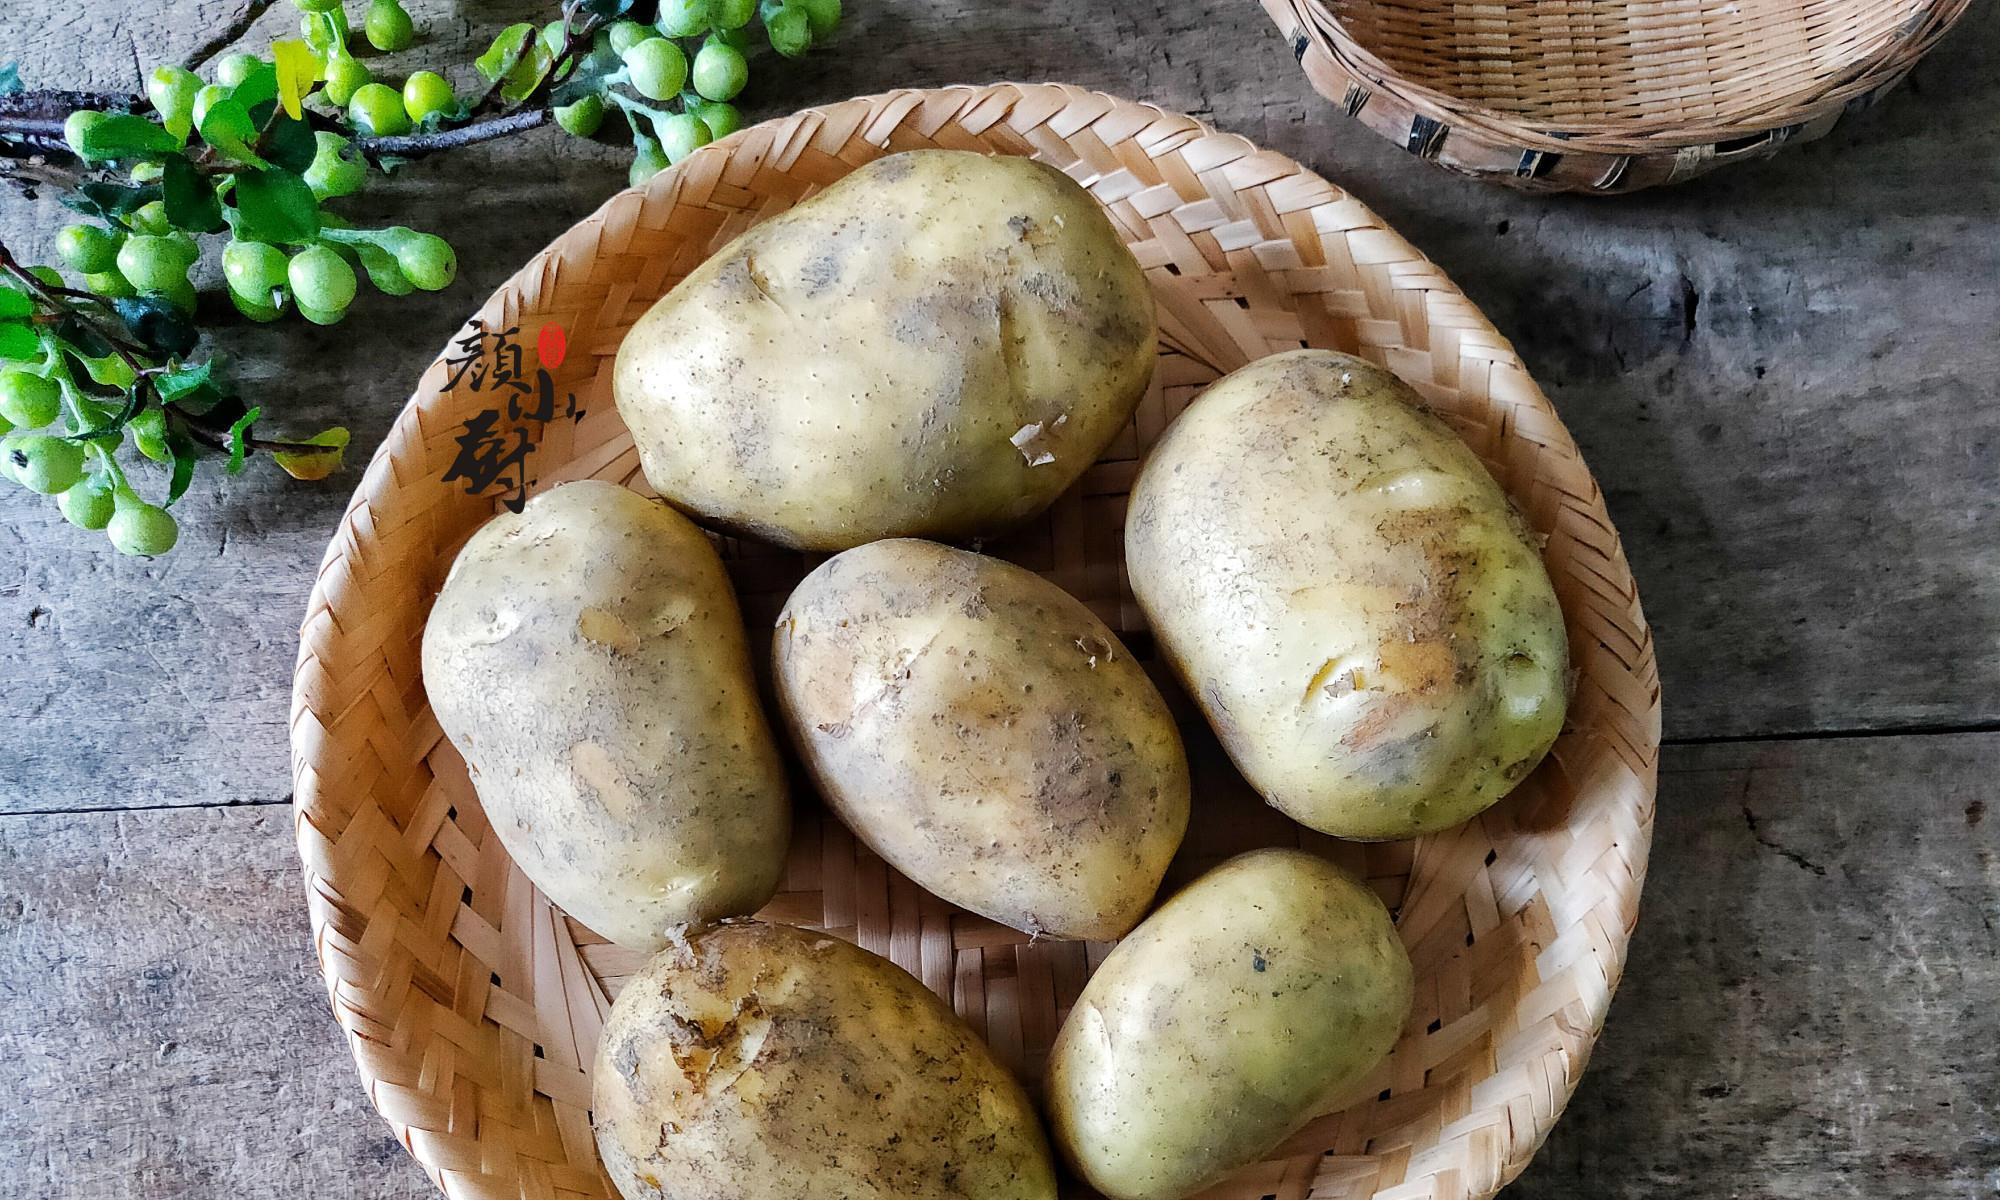 才知道,保存土豆这么简单,2个小妙招,1年不干瘪不发芽,实用